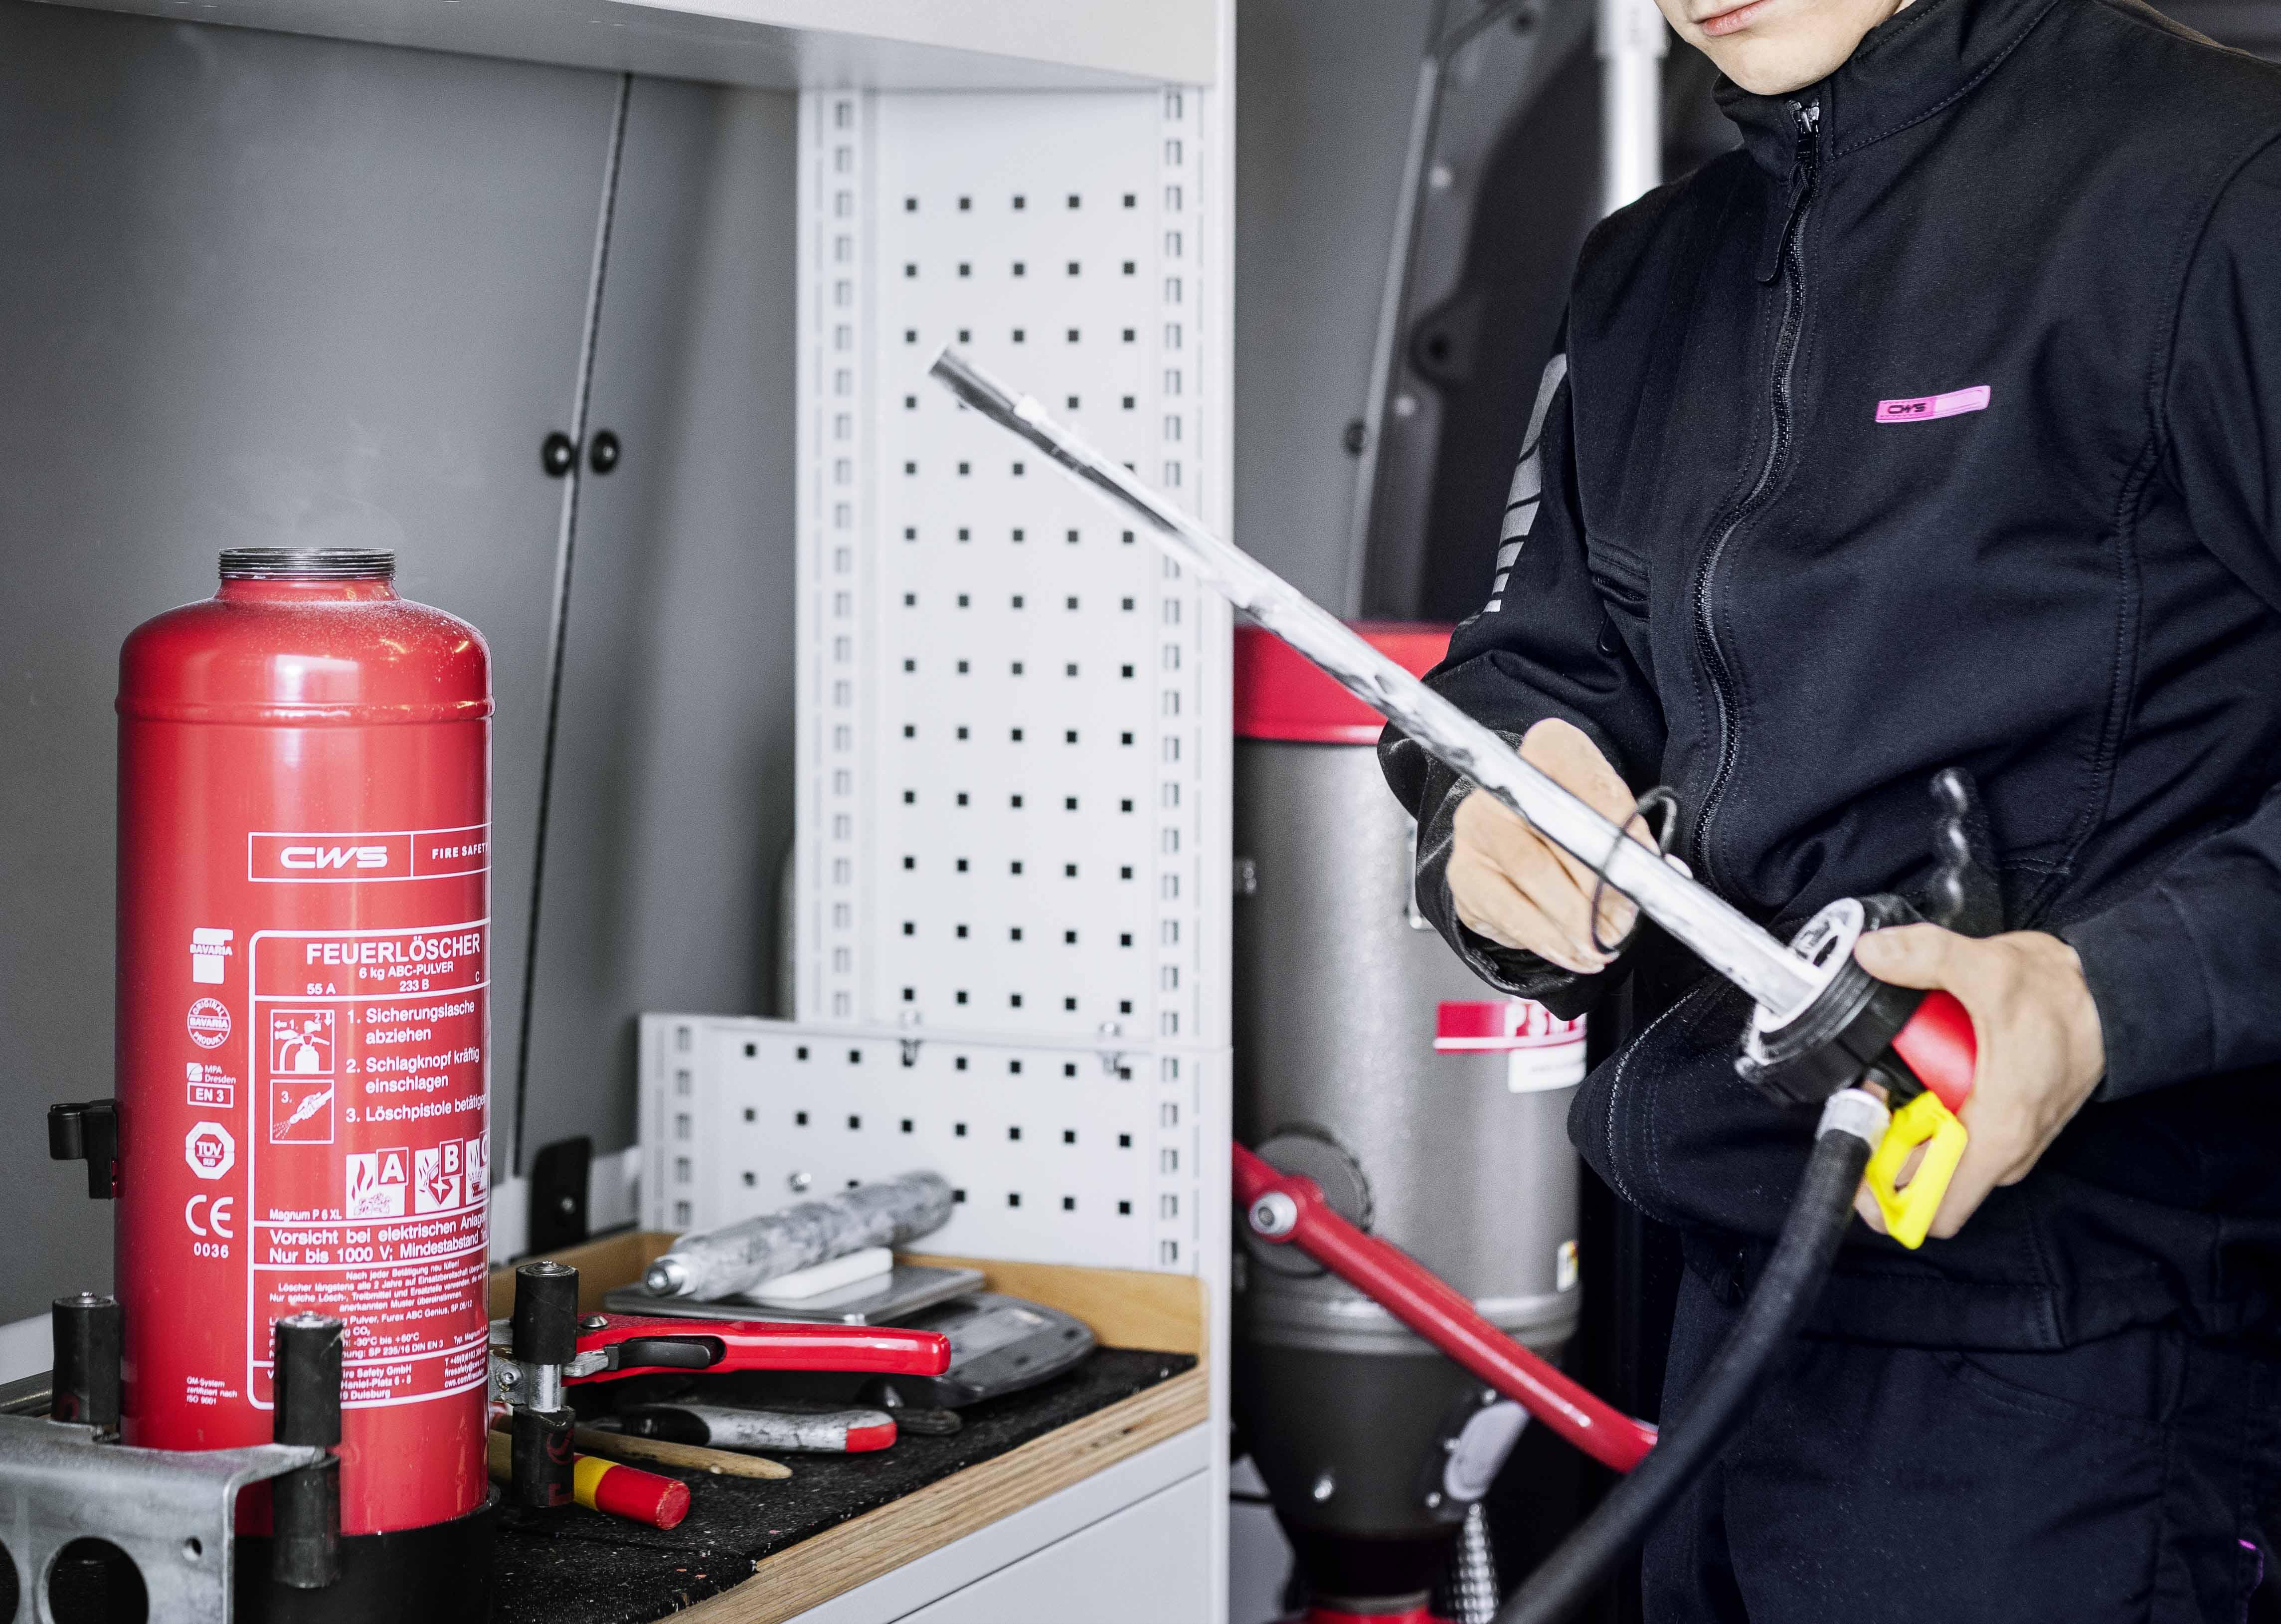 CWS Brandschutz-Techniker wartet Feuerlöscher